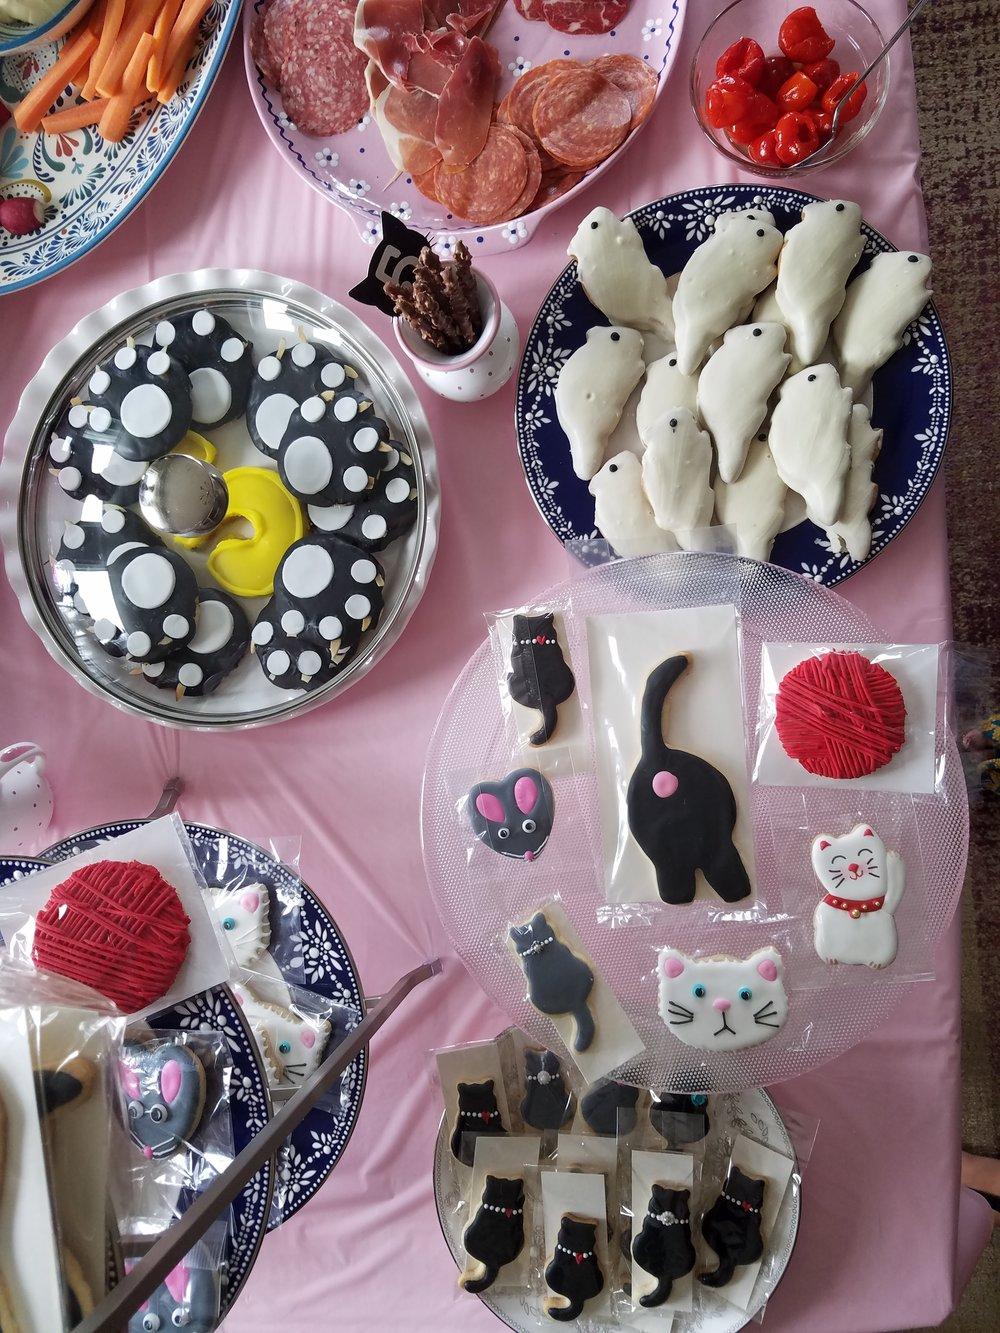 Pawsome cookies made by Dark Side Cookies ( @darksidecookiesmd )